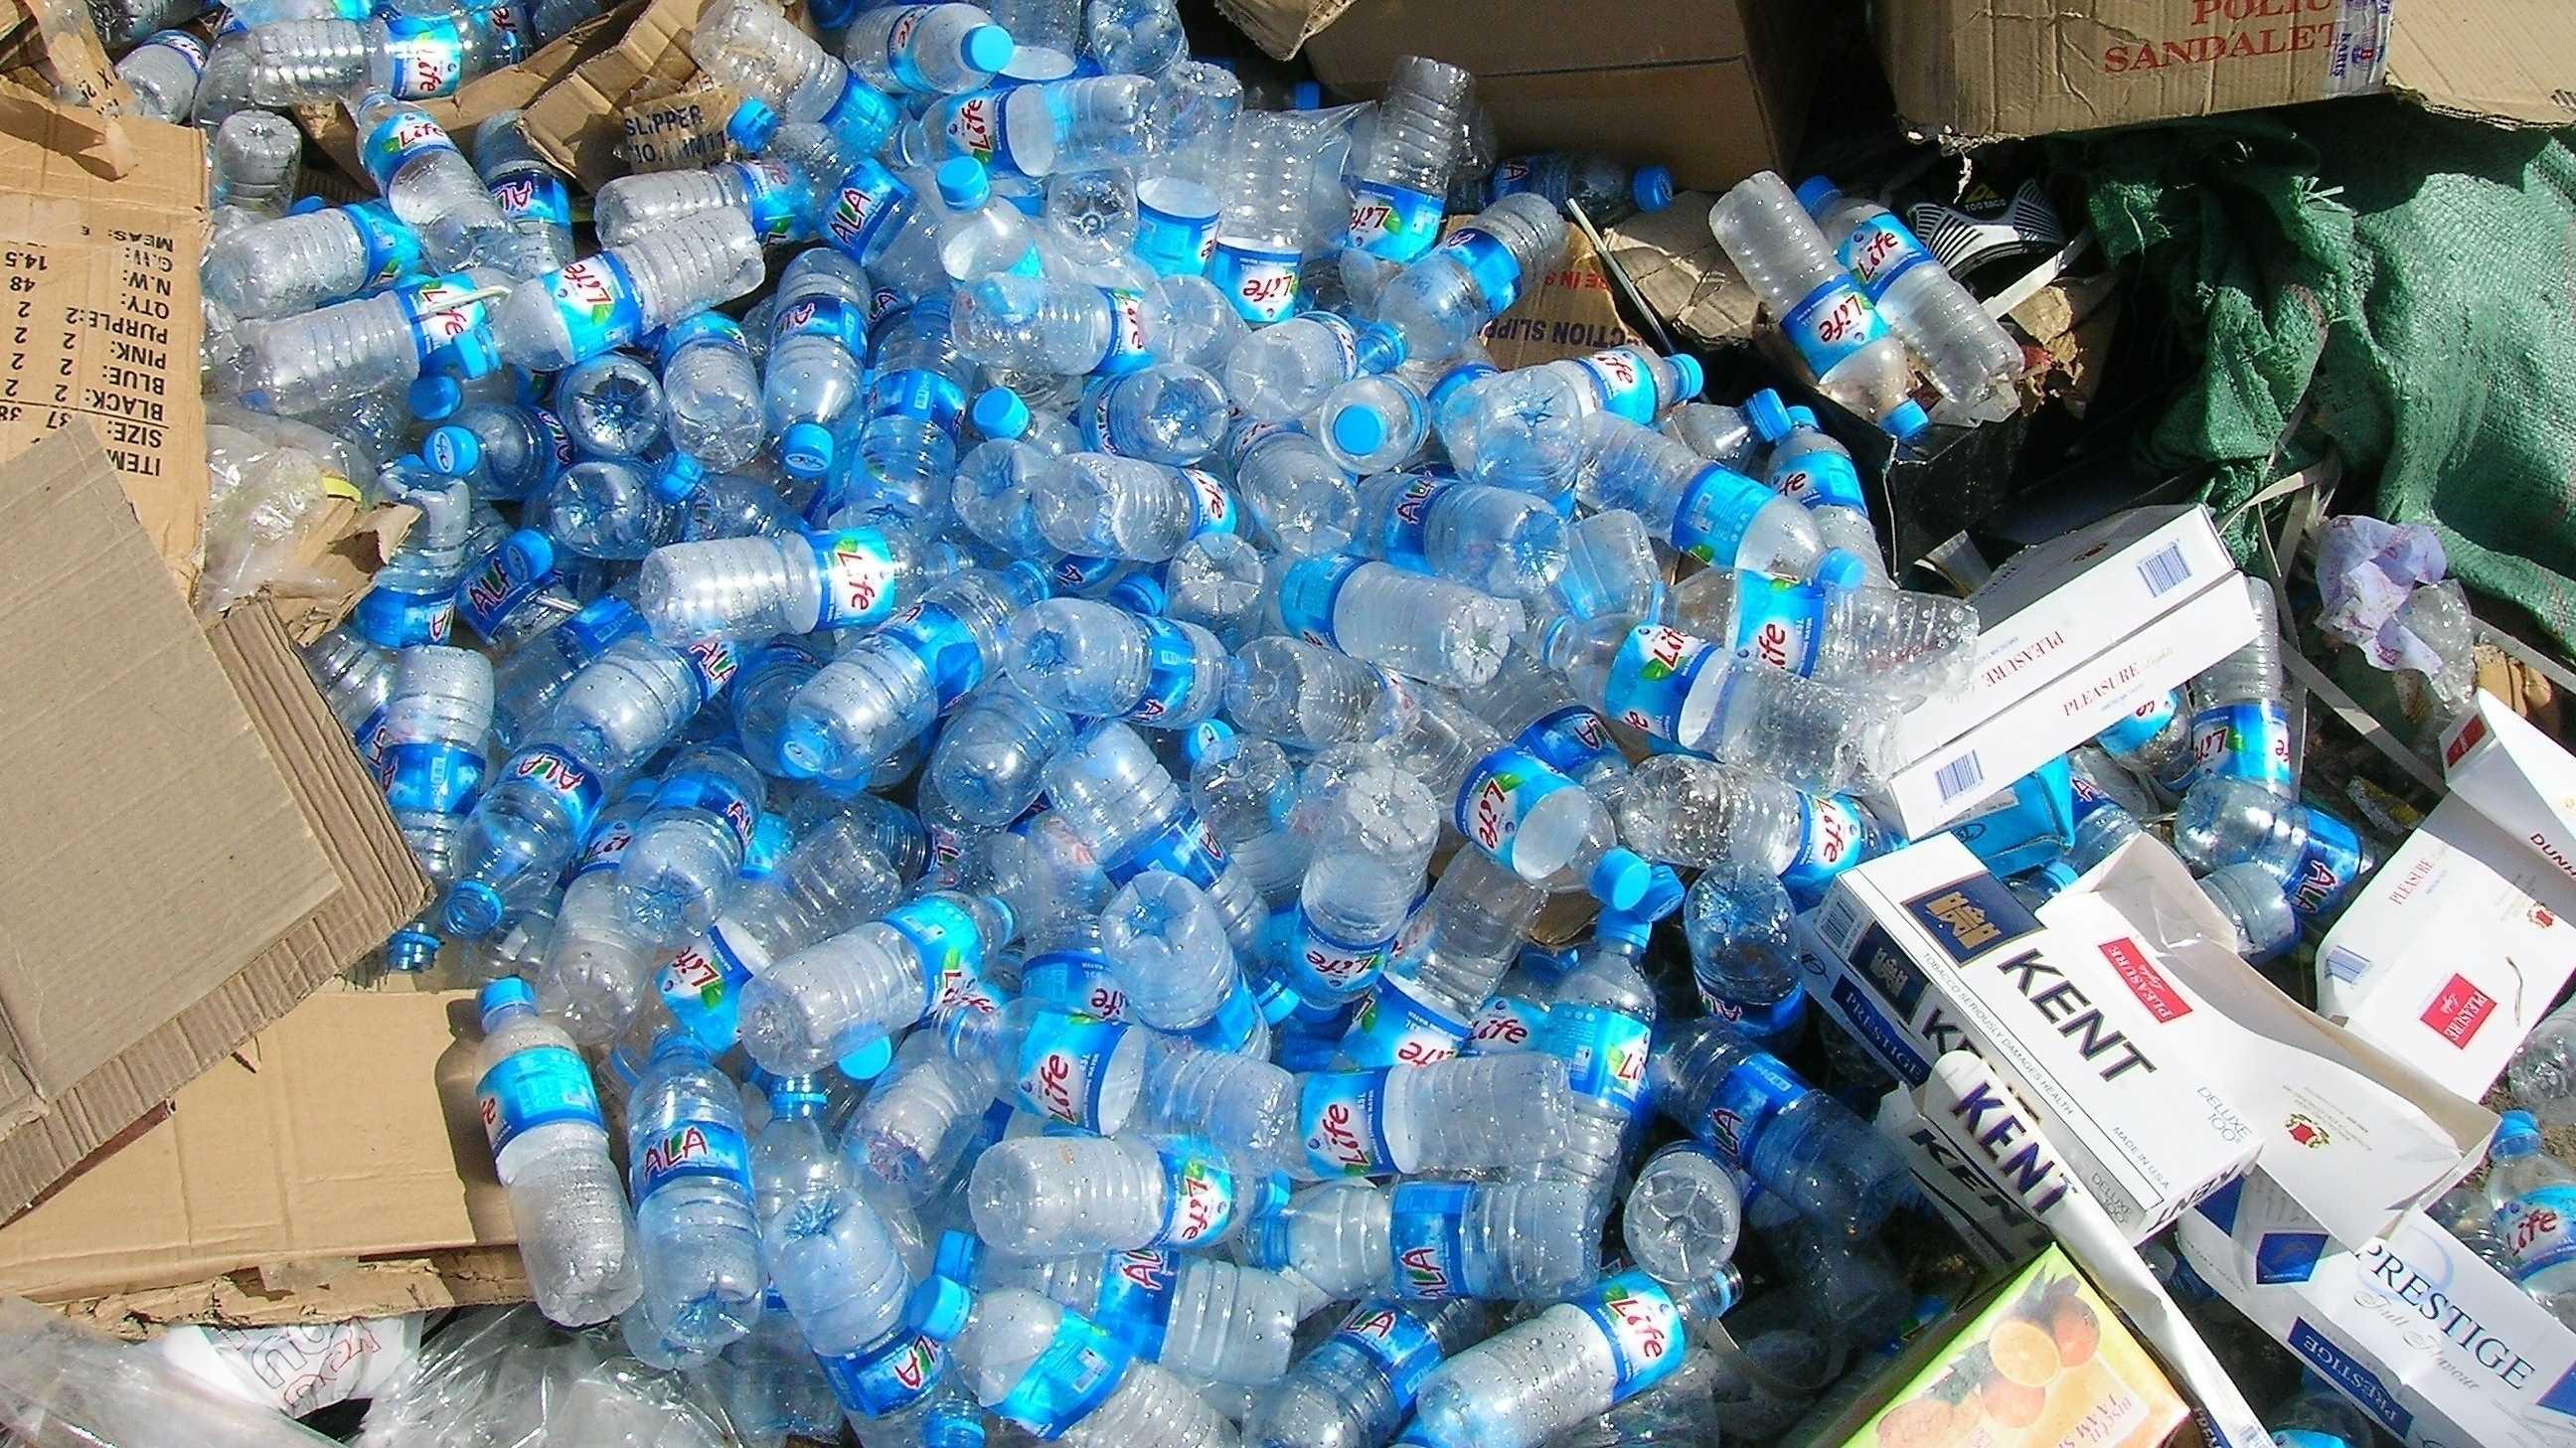 Müll, Plastik, Plastikmüll